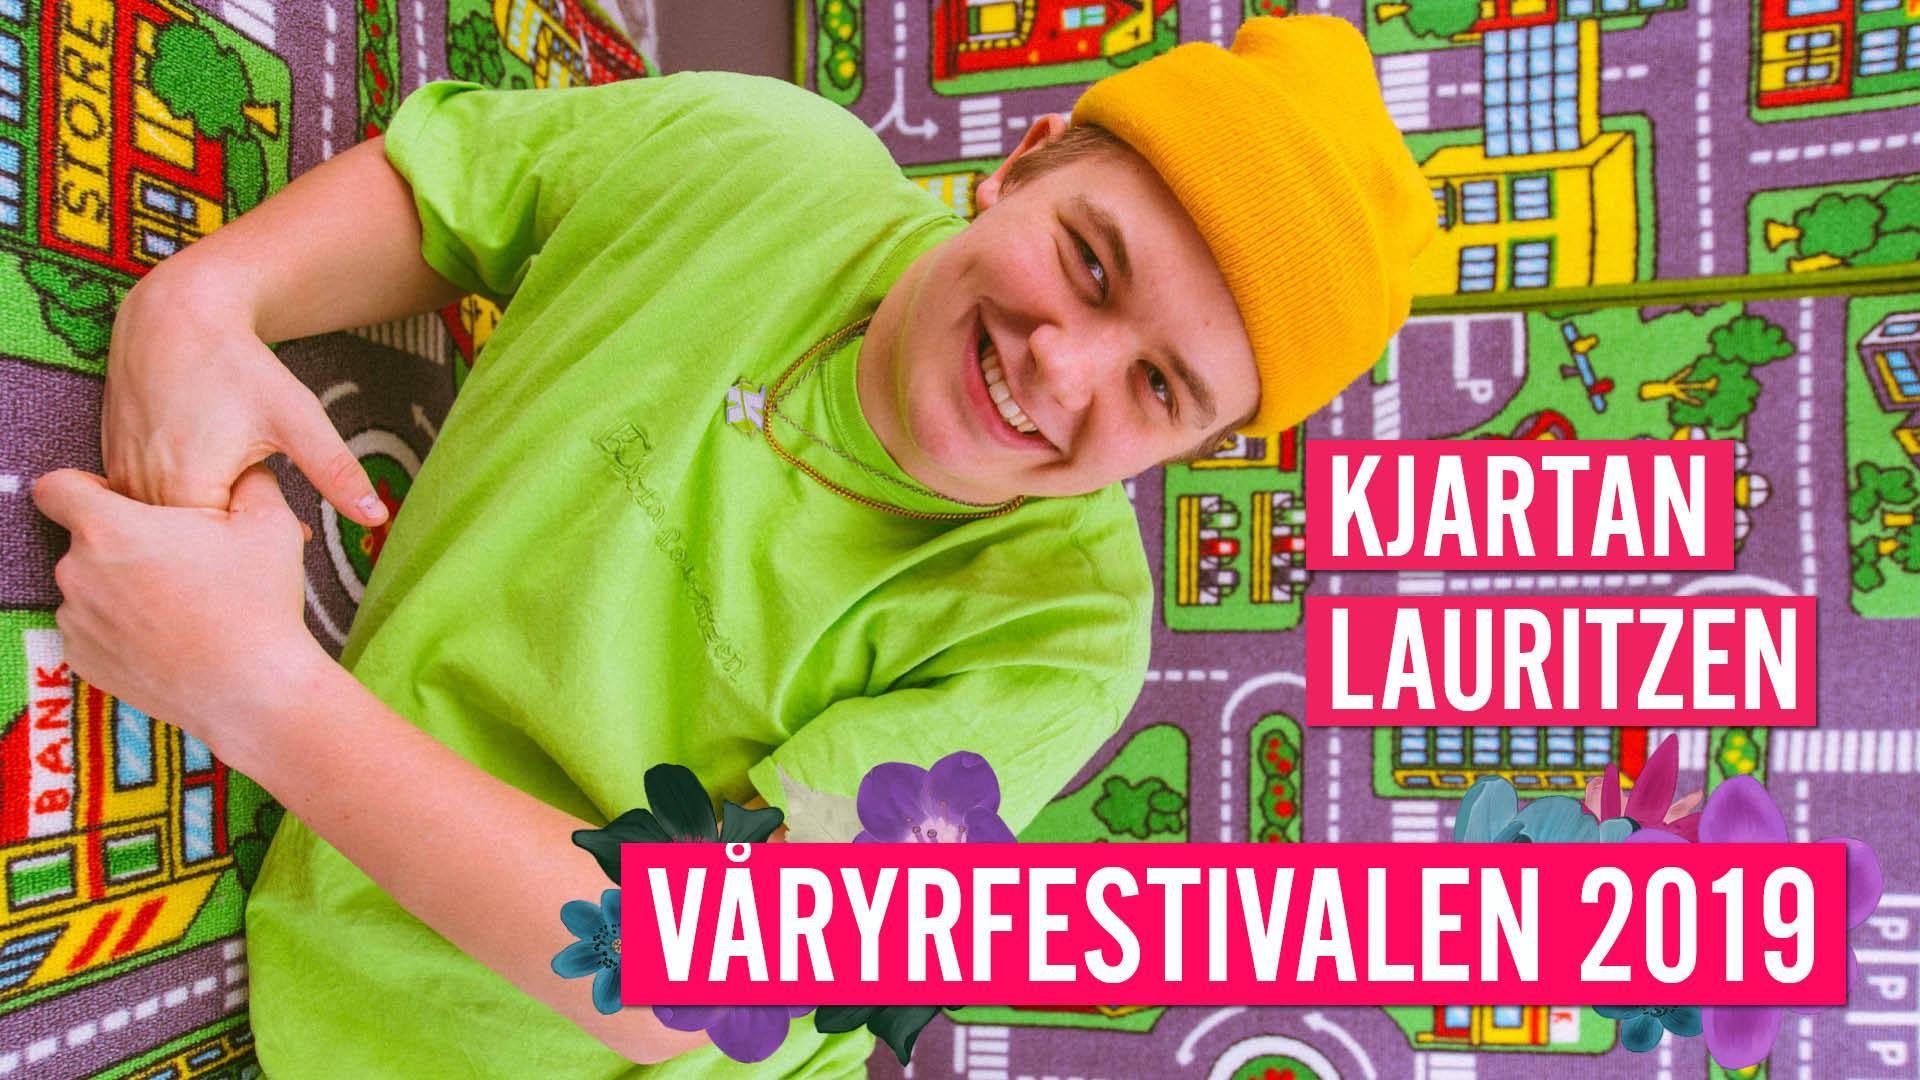 Våryrfestivalen Lillehammer